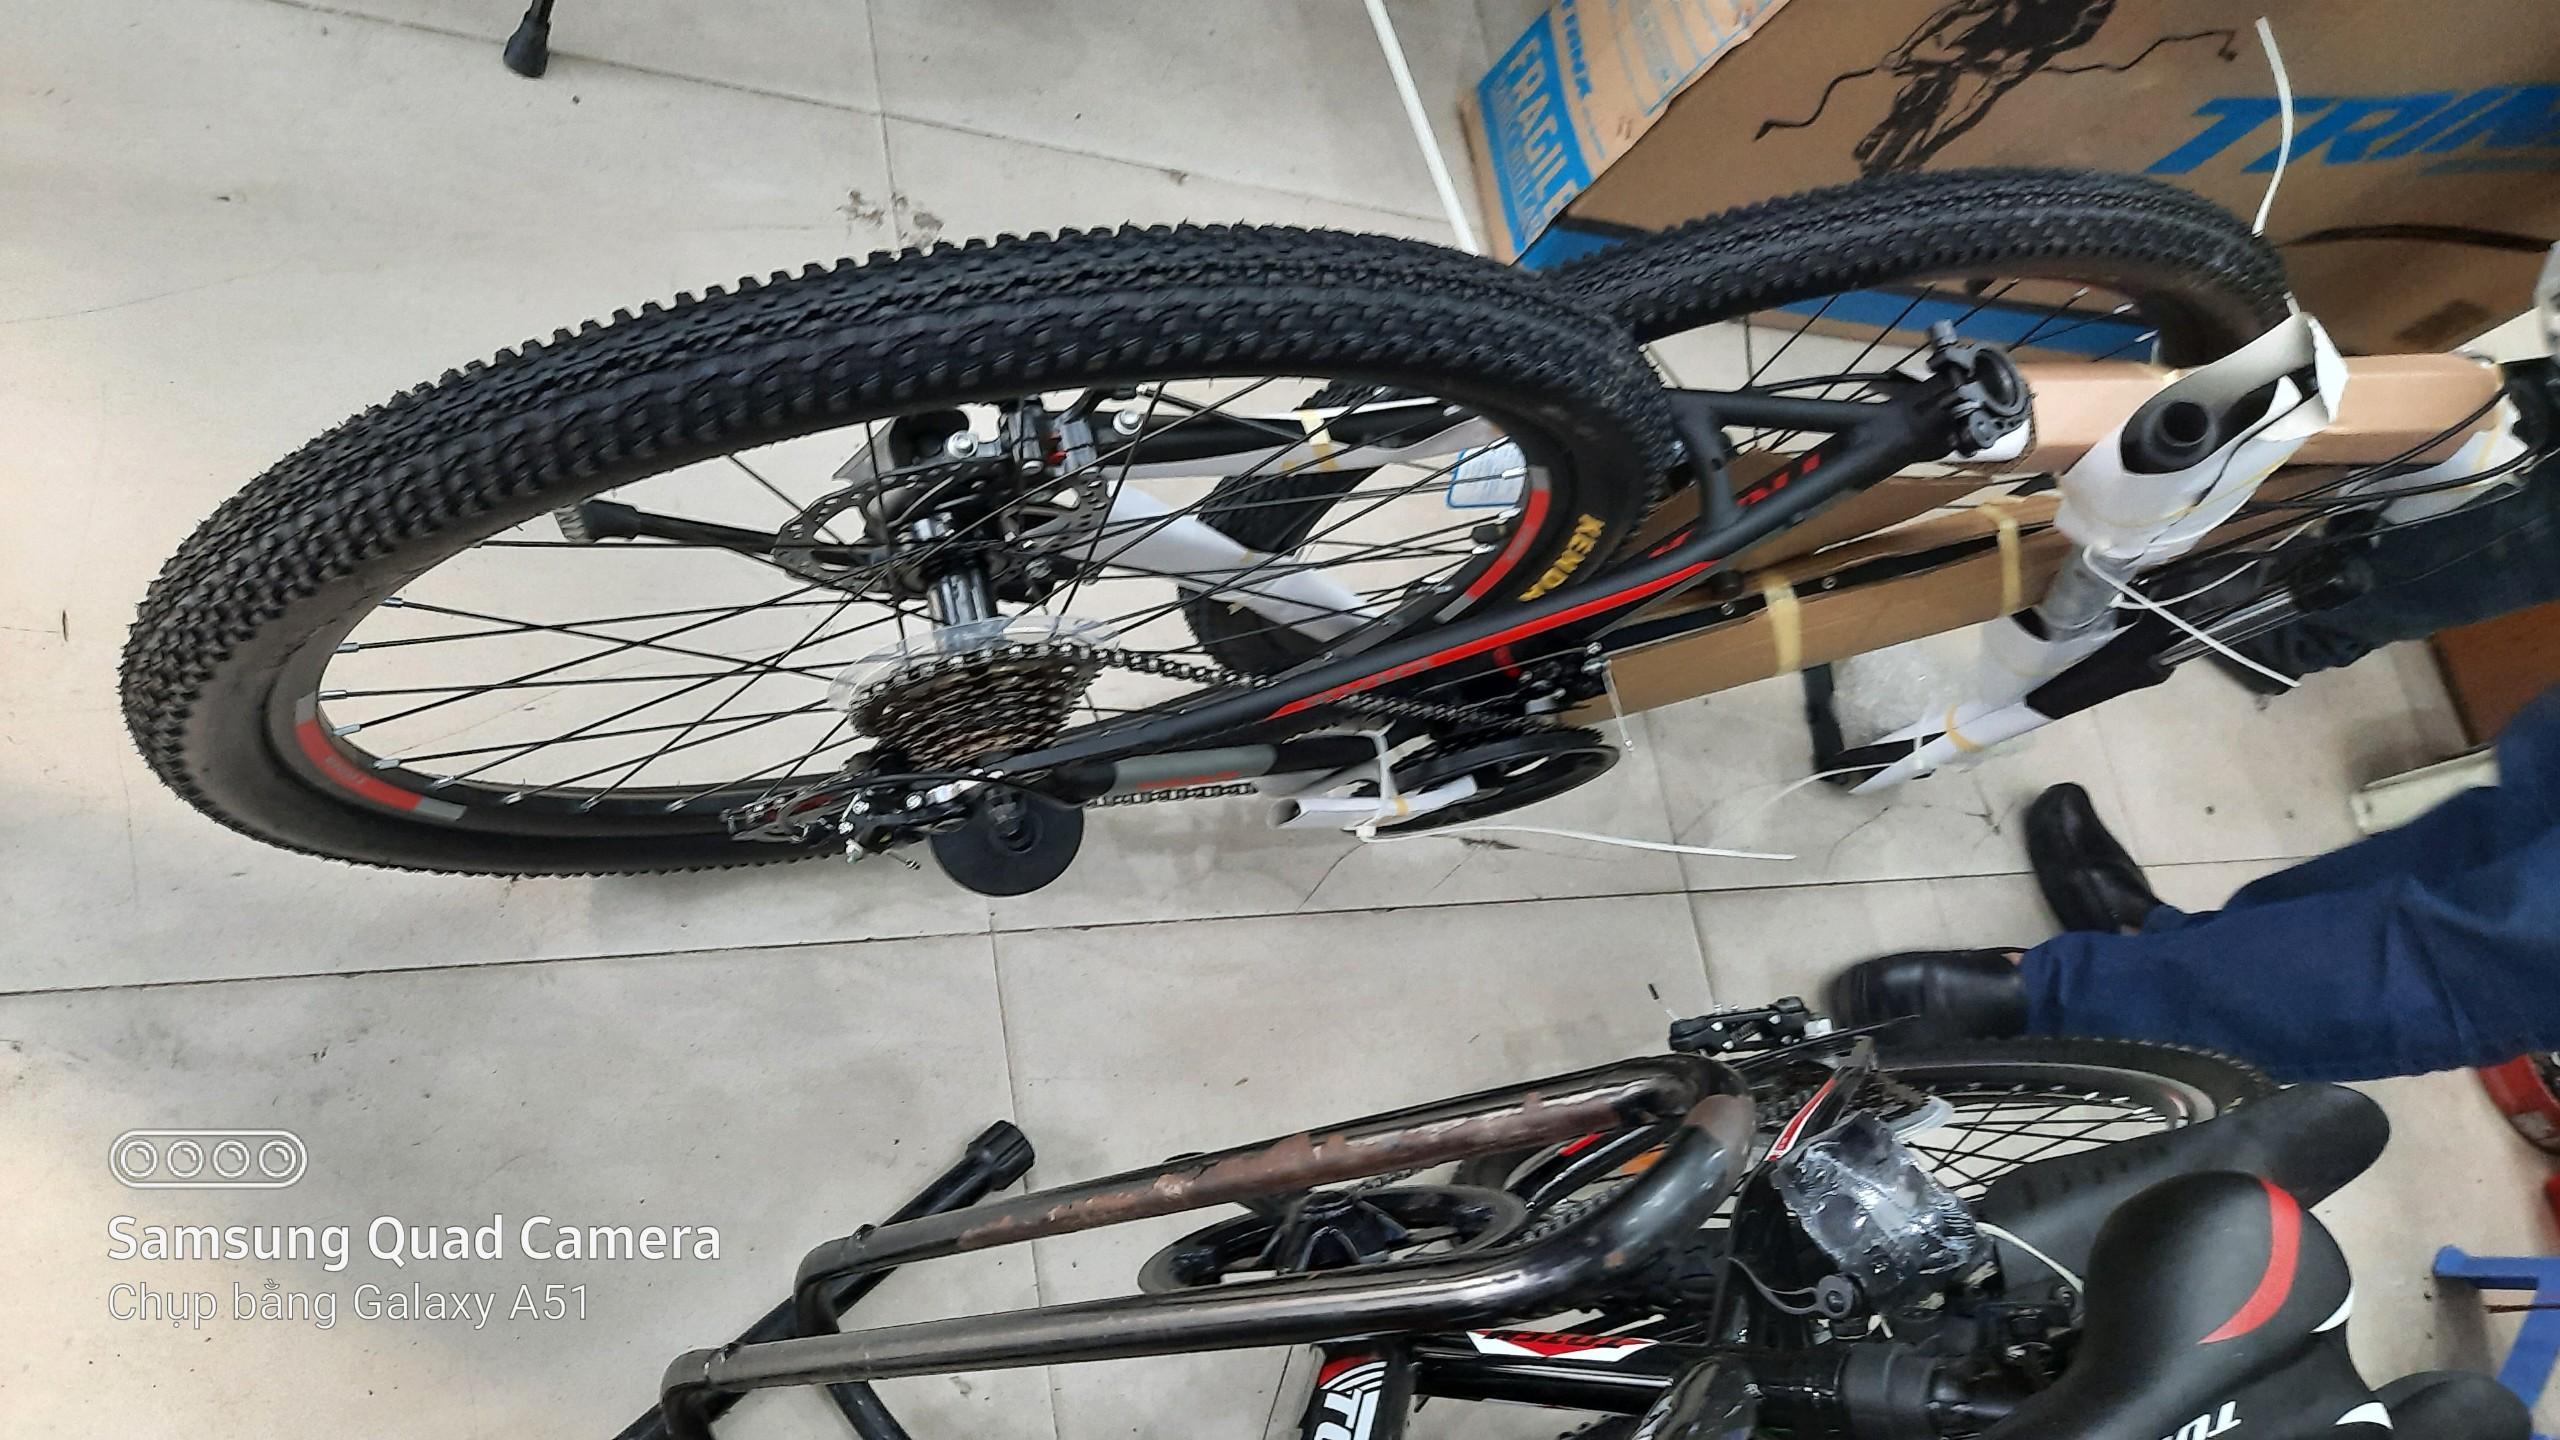 Chuyển phát nhanh phụ tùng xe đạp từ Mỹ Nhật Hàn